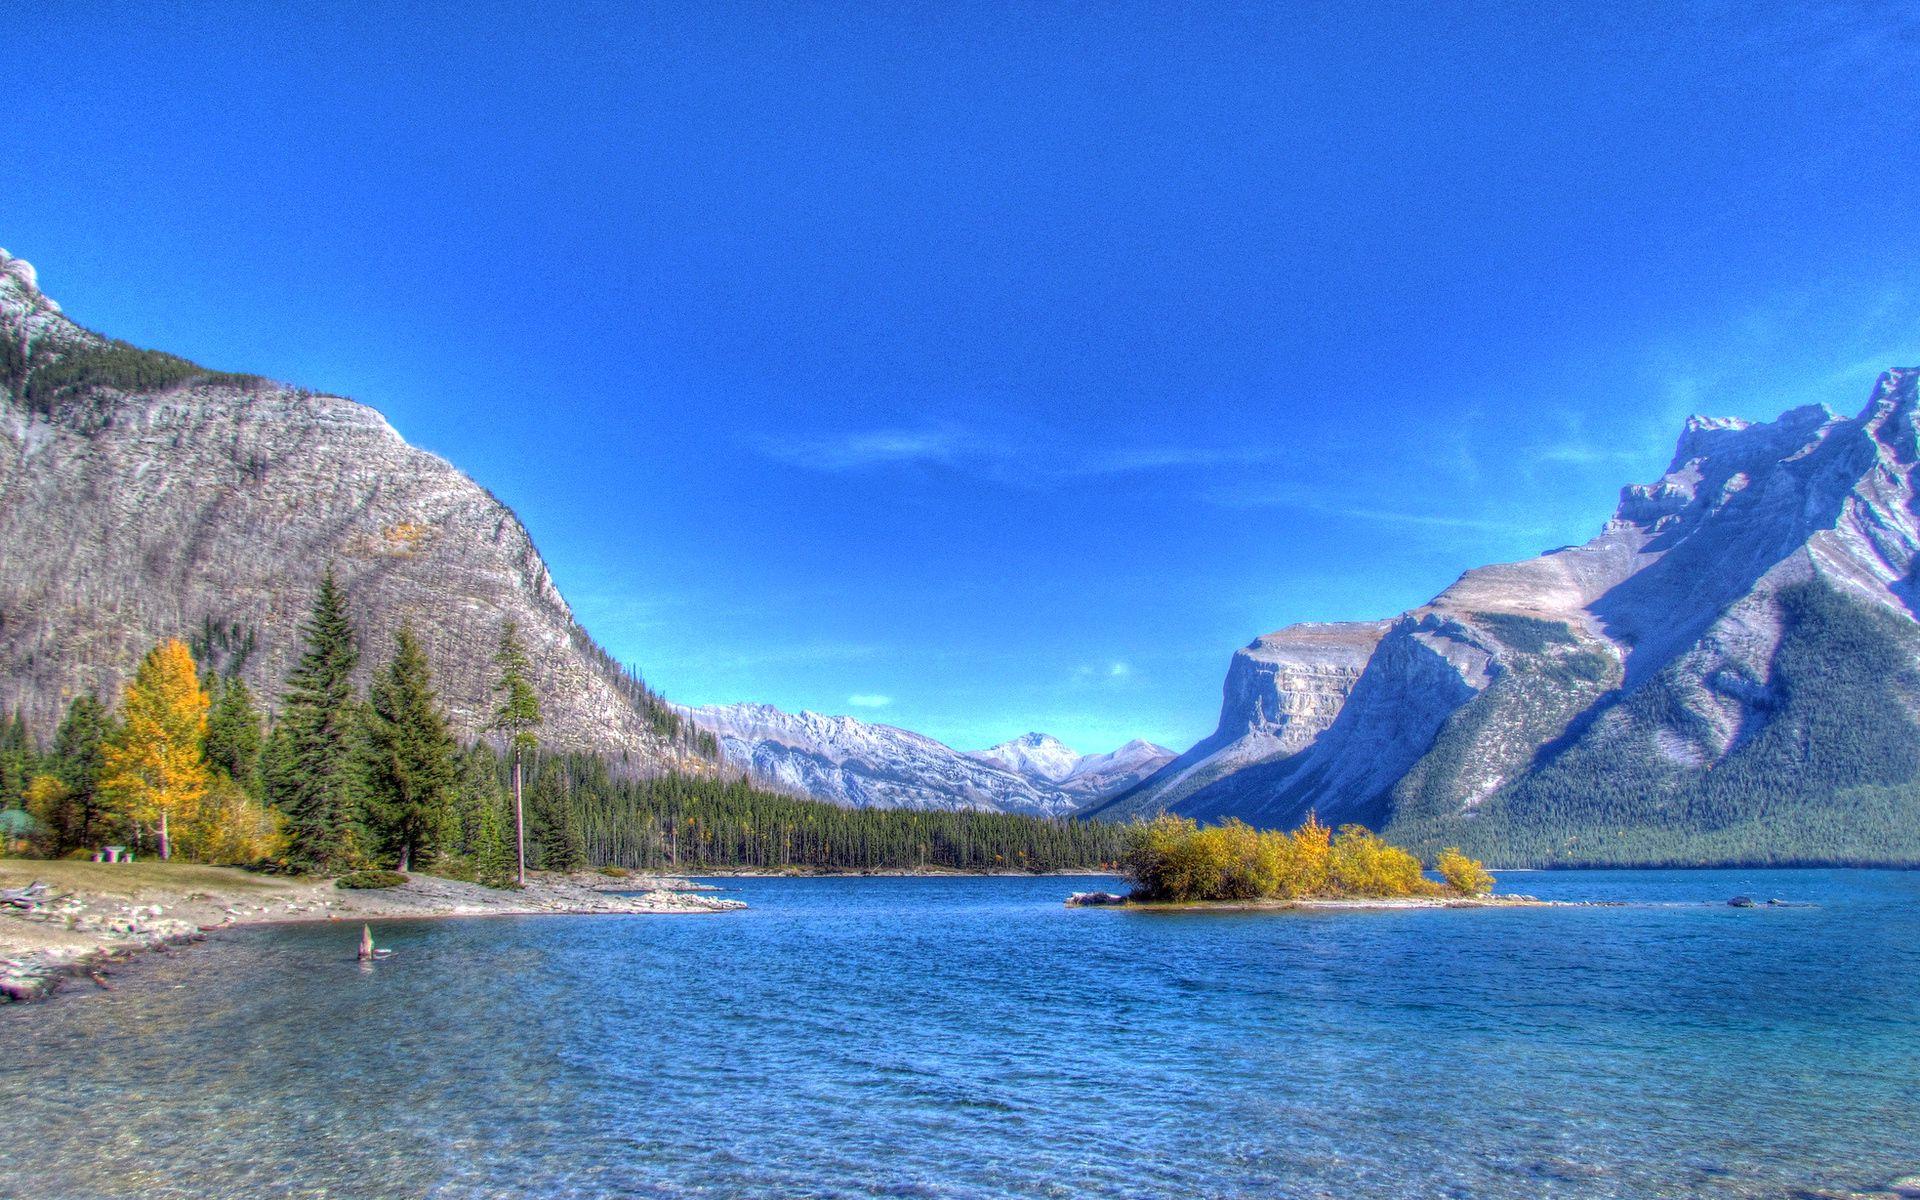 114218 Hintergrundbild herunterladen Mountains, Natur, Sky, See, Ufer, Bank - Bildschirmschoner und Bilder kostenlos